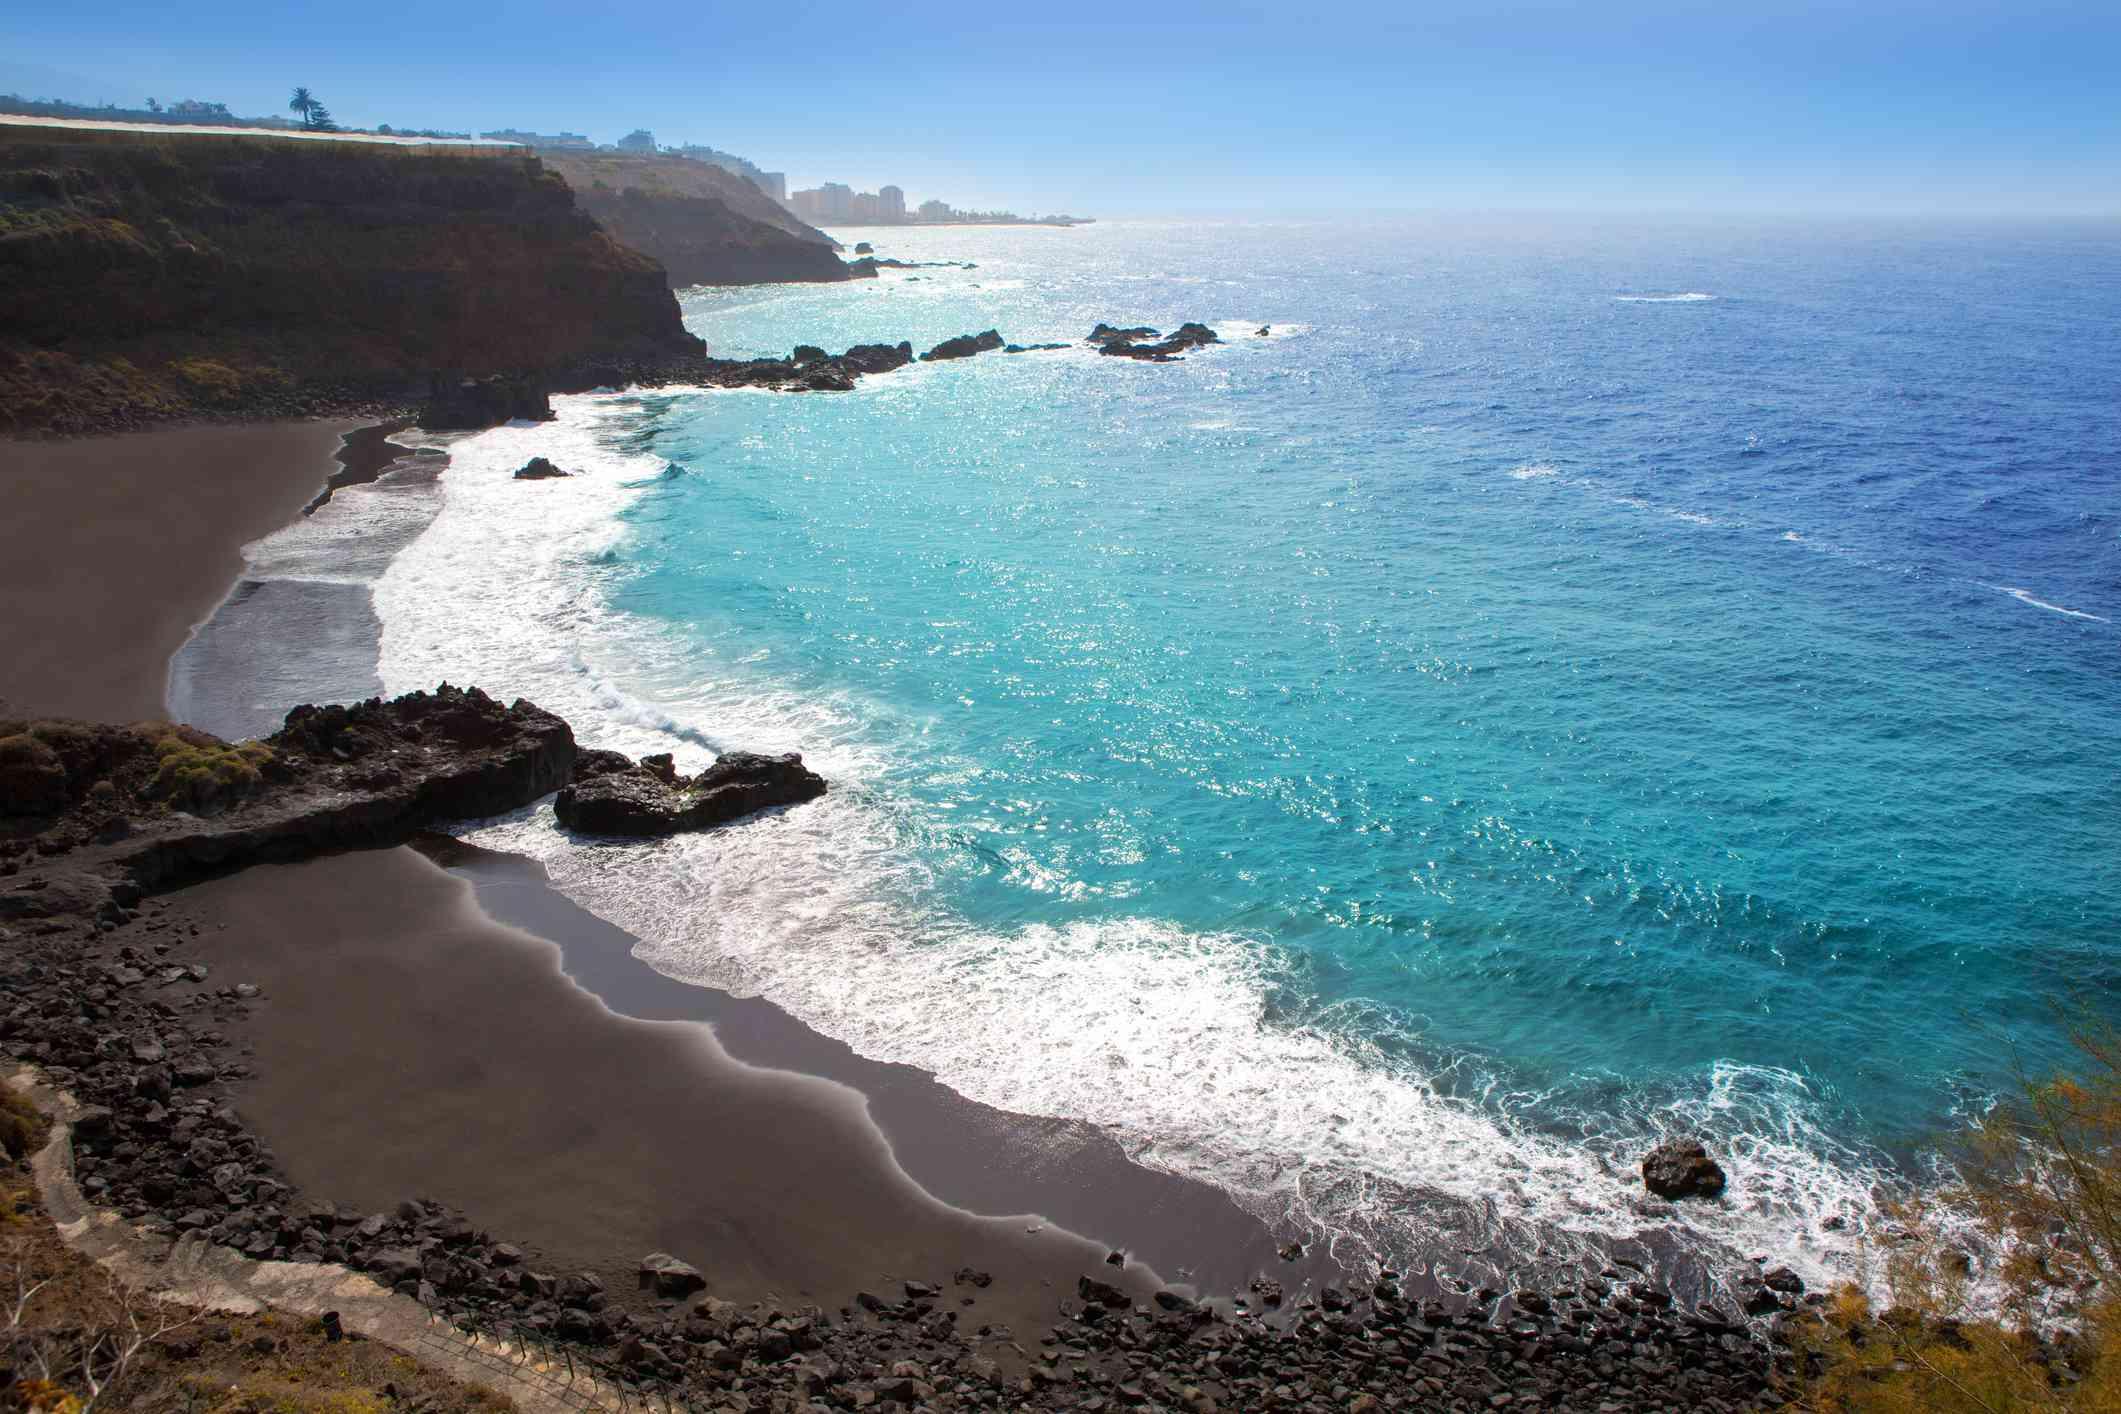 Playa de El Bollullo en Tenerife en las Islas Canarias